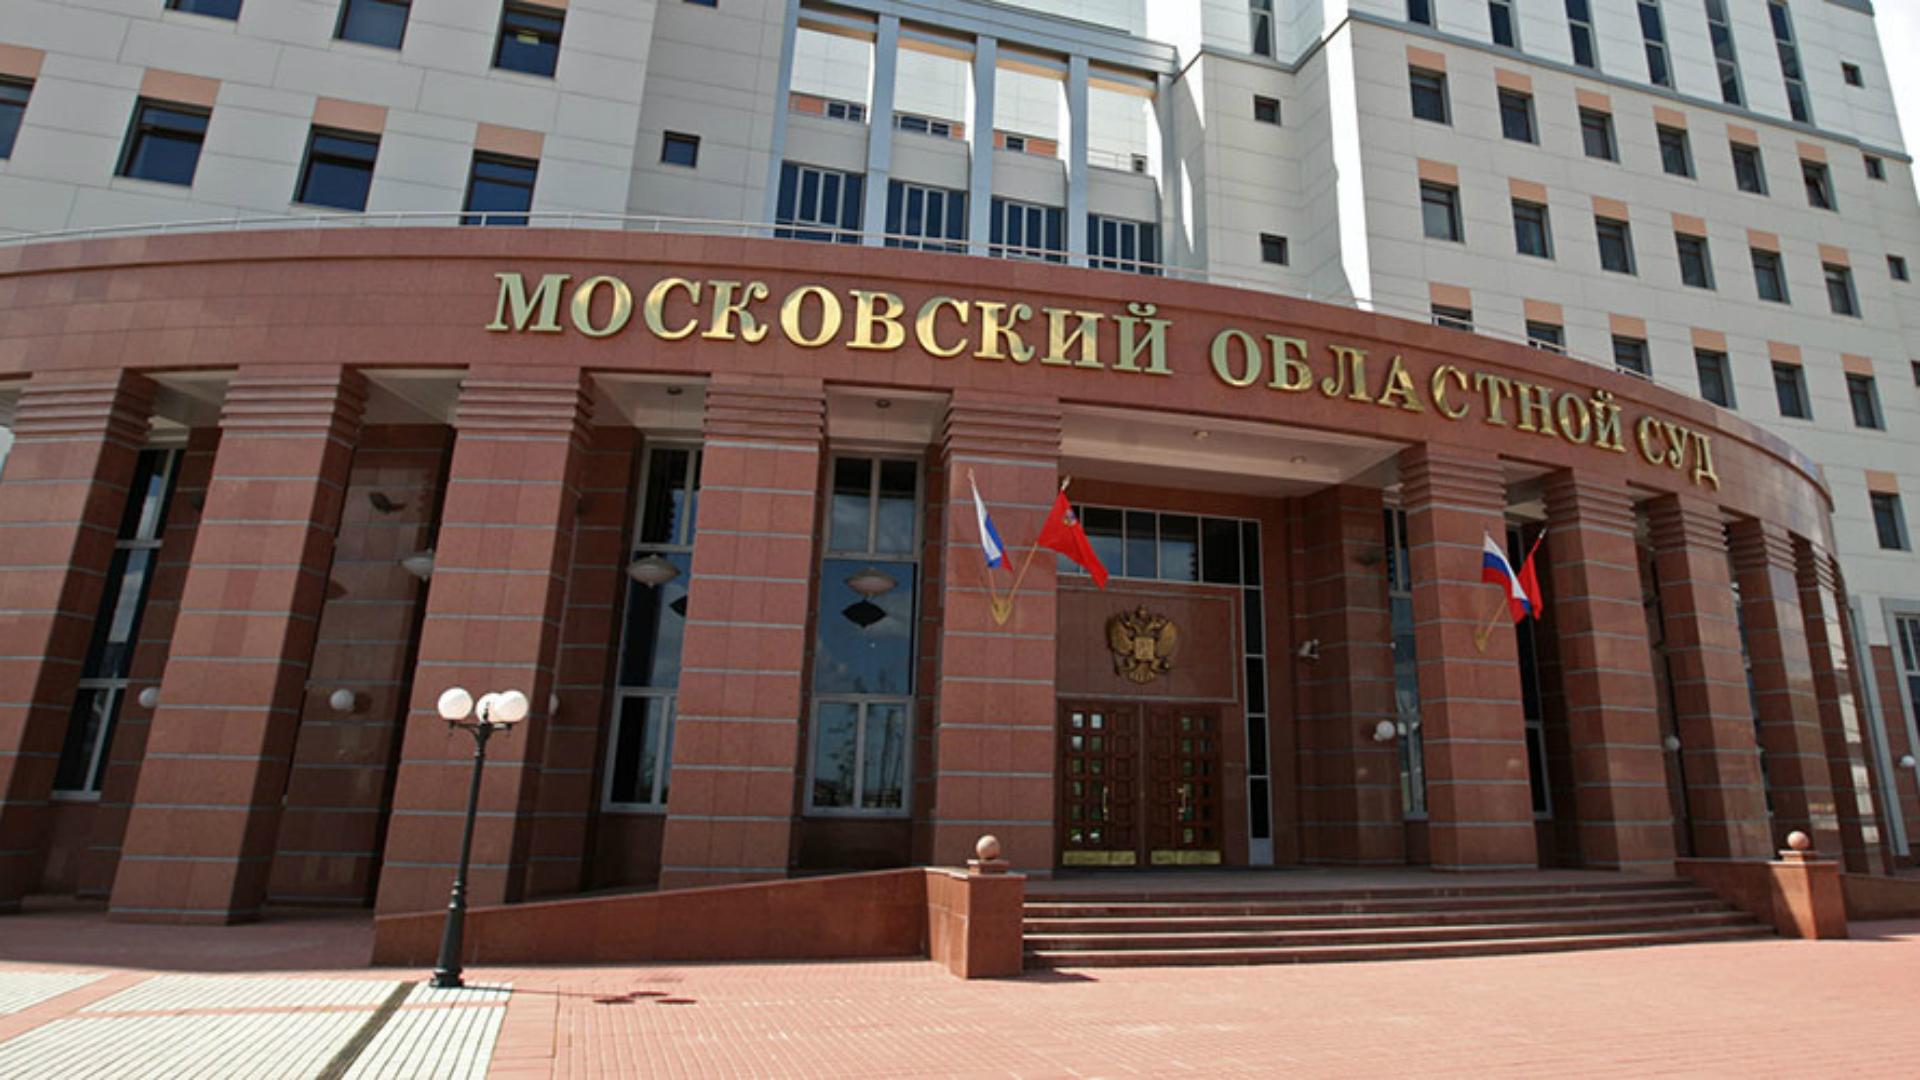 El frente de los tribunales de la Corte Regional de Moscú